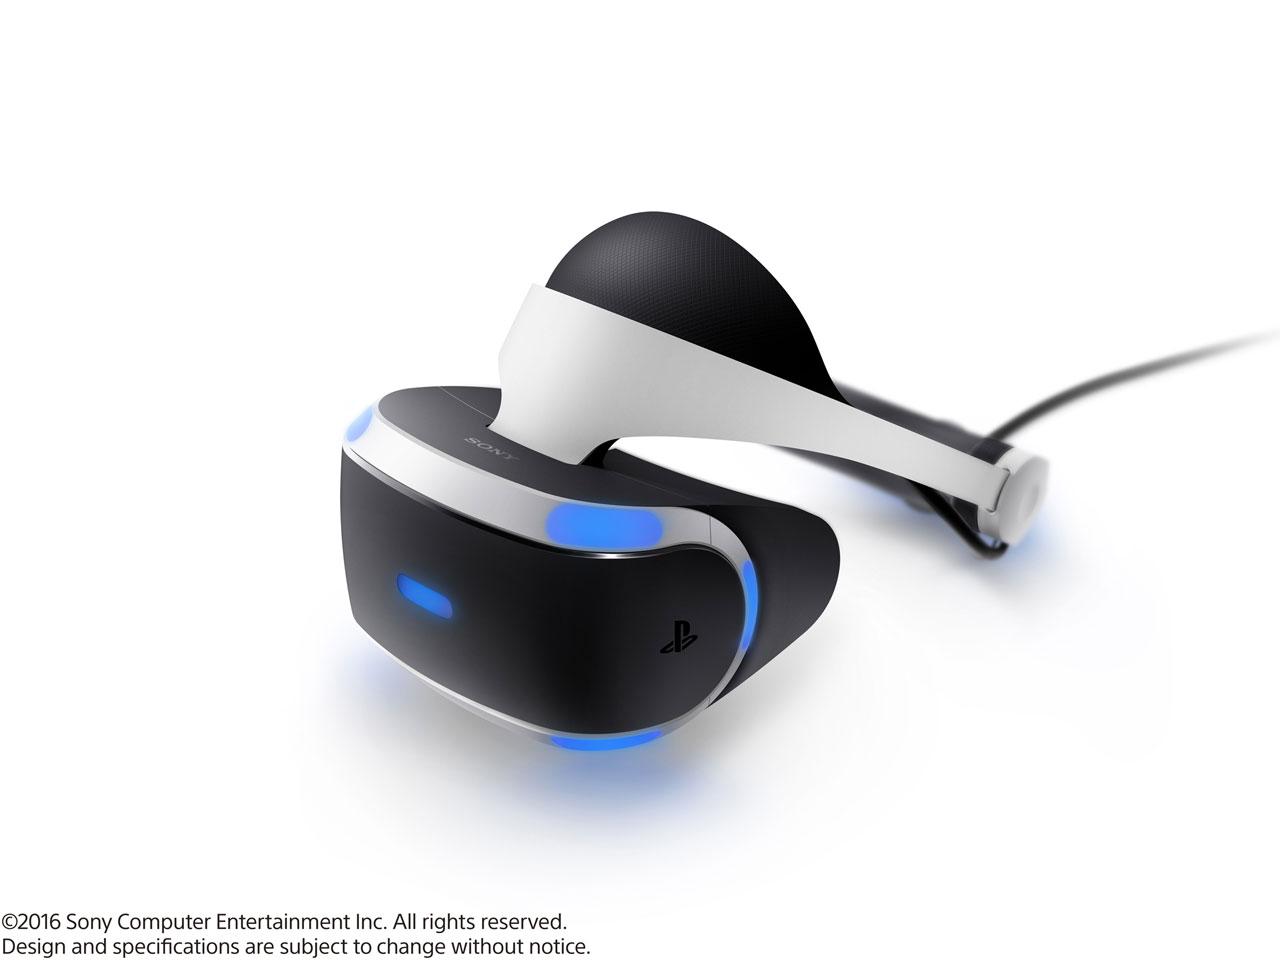 PlayStation VR PlayStation Camera同梱版 CUHJ-16001 の製品画像